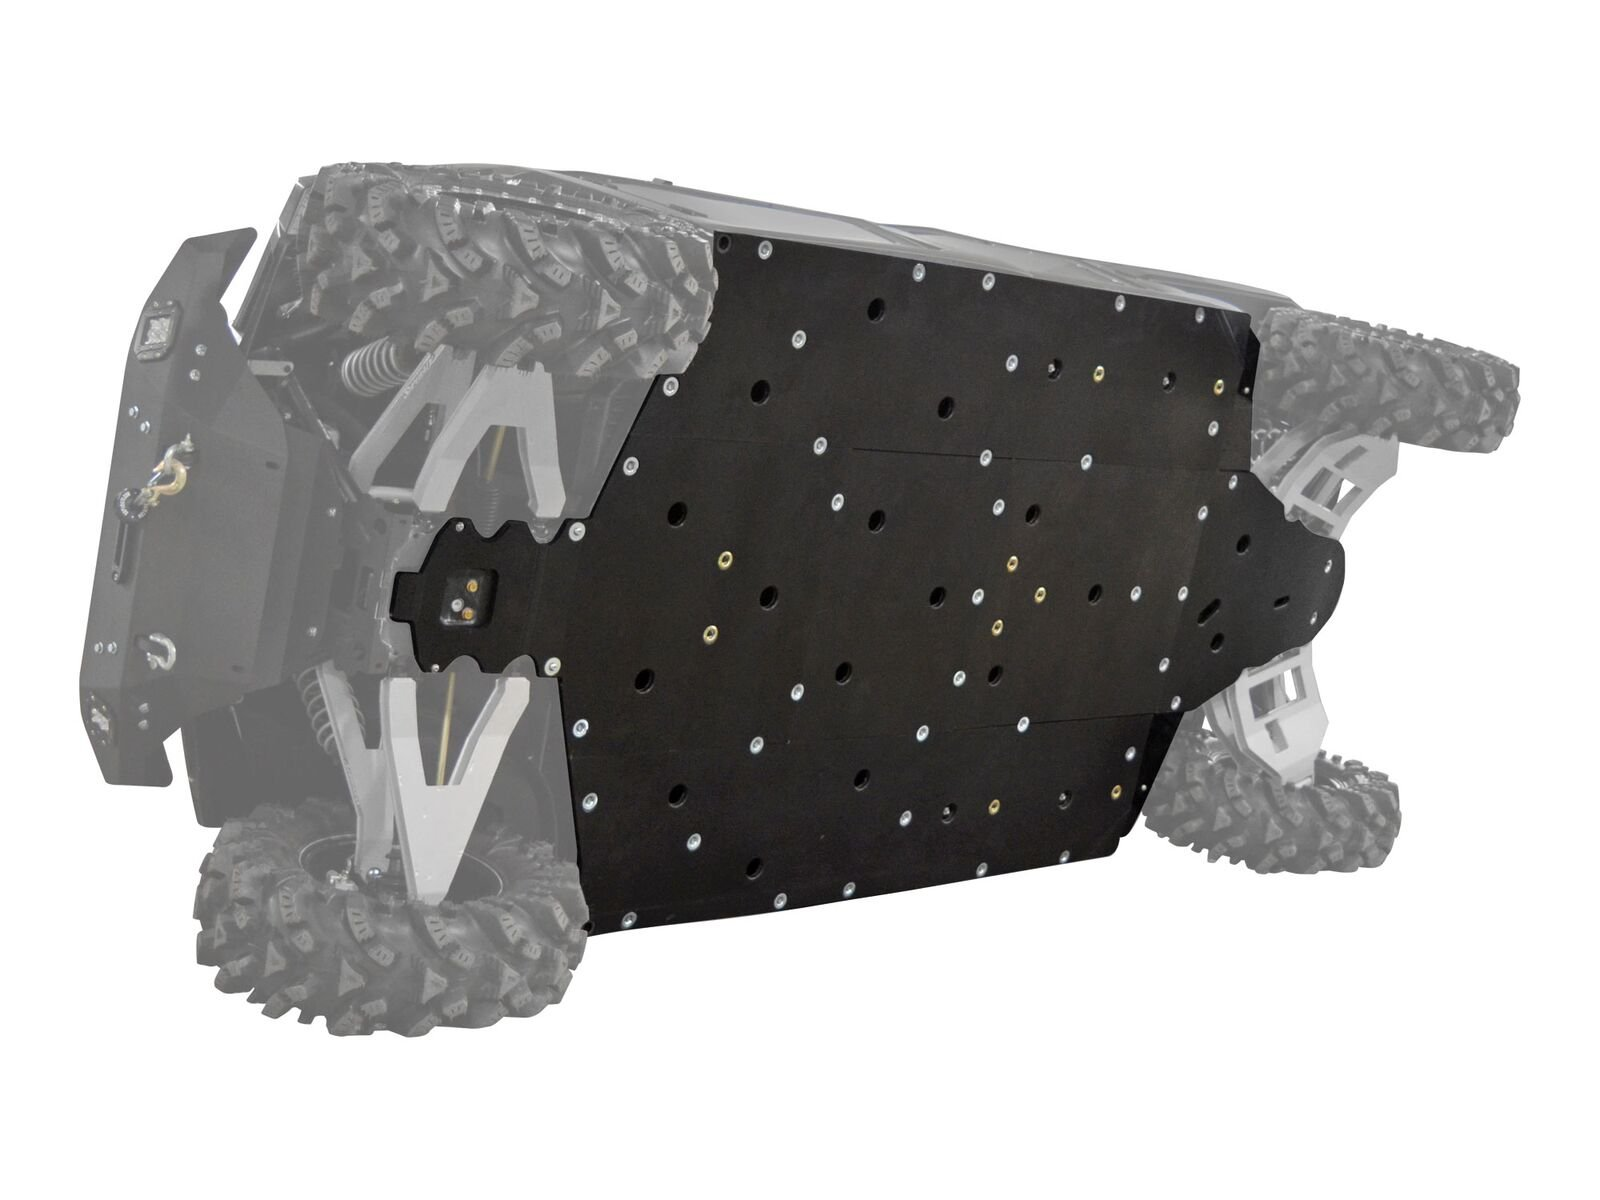 SuperATV Polaris Ranger Fullsize 570 / 900 / Diesel / 1000 Heavy Duty ARMW Full Skid Plate (2014+) - 4 Seater / Crew